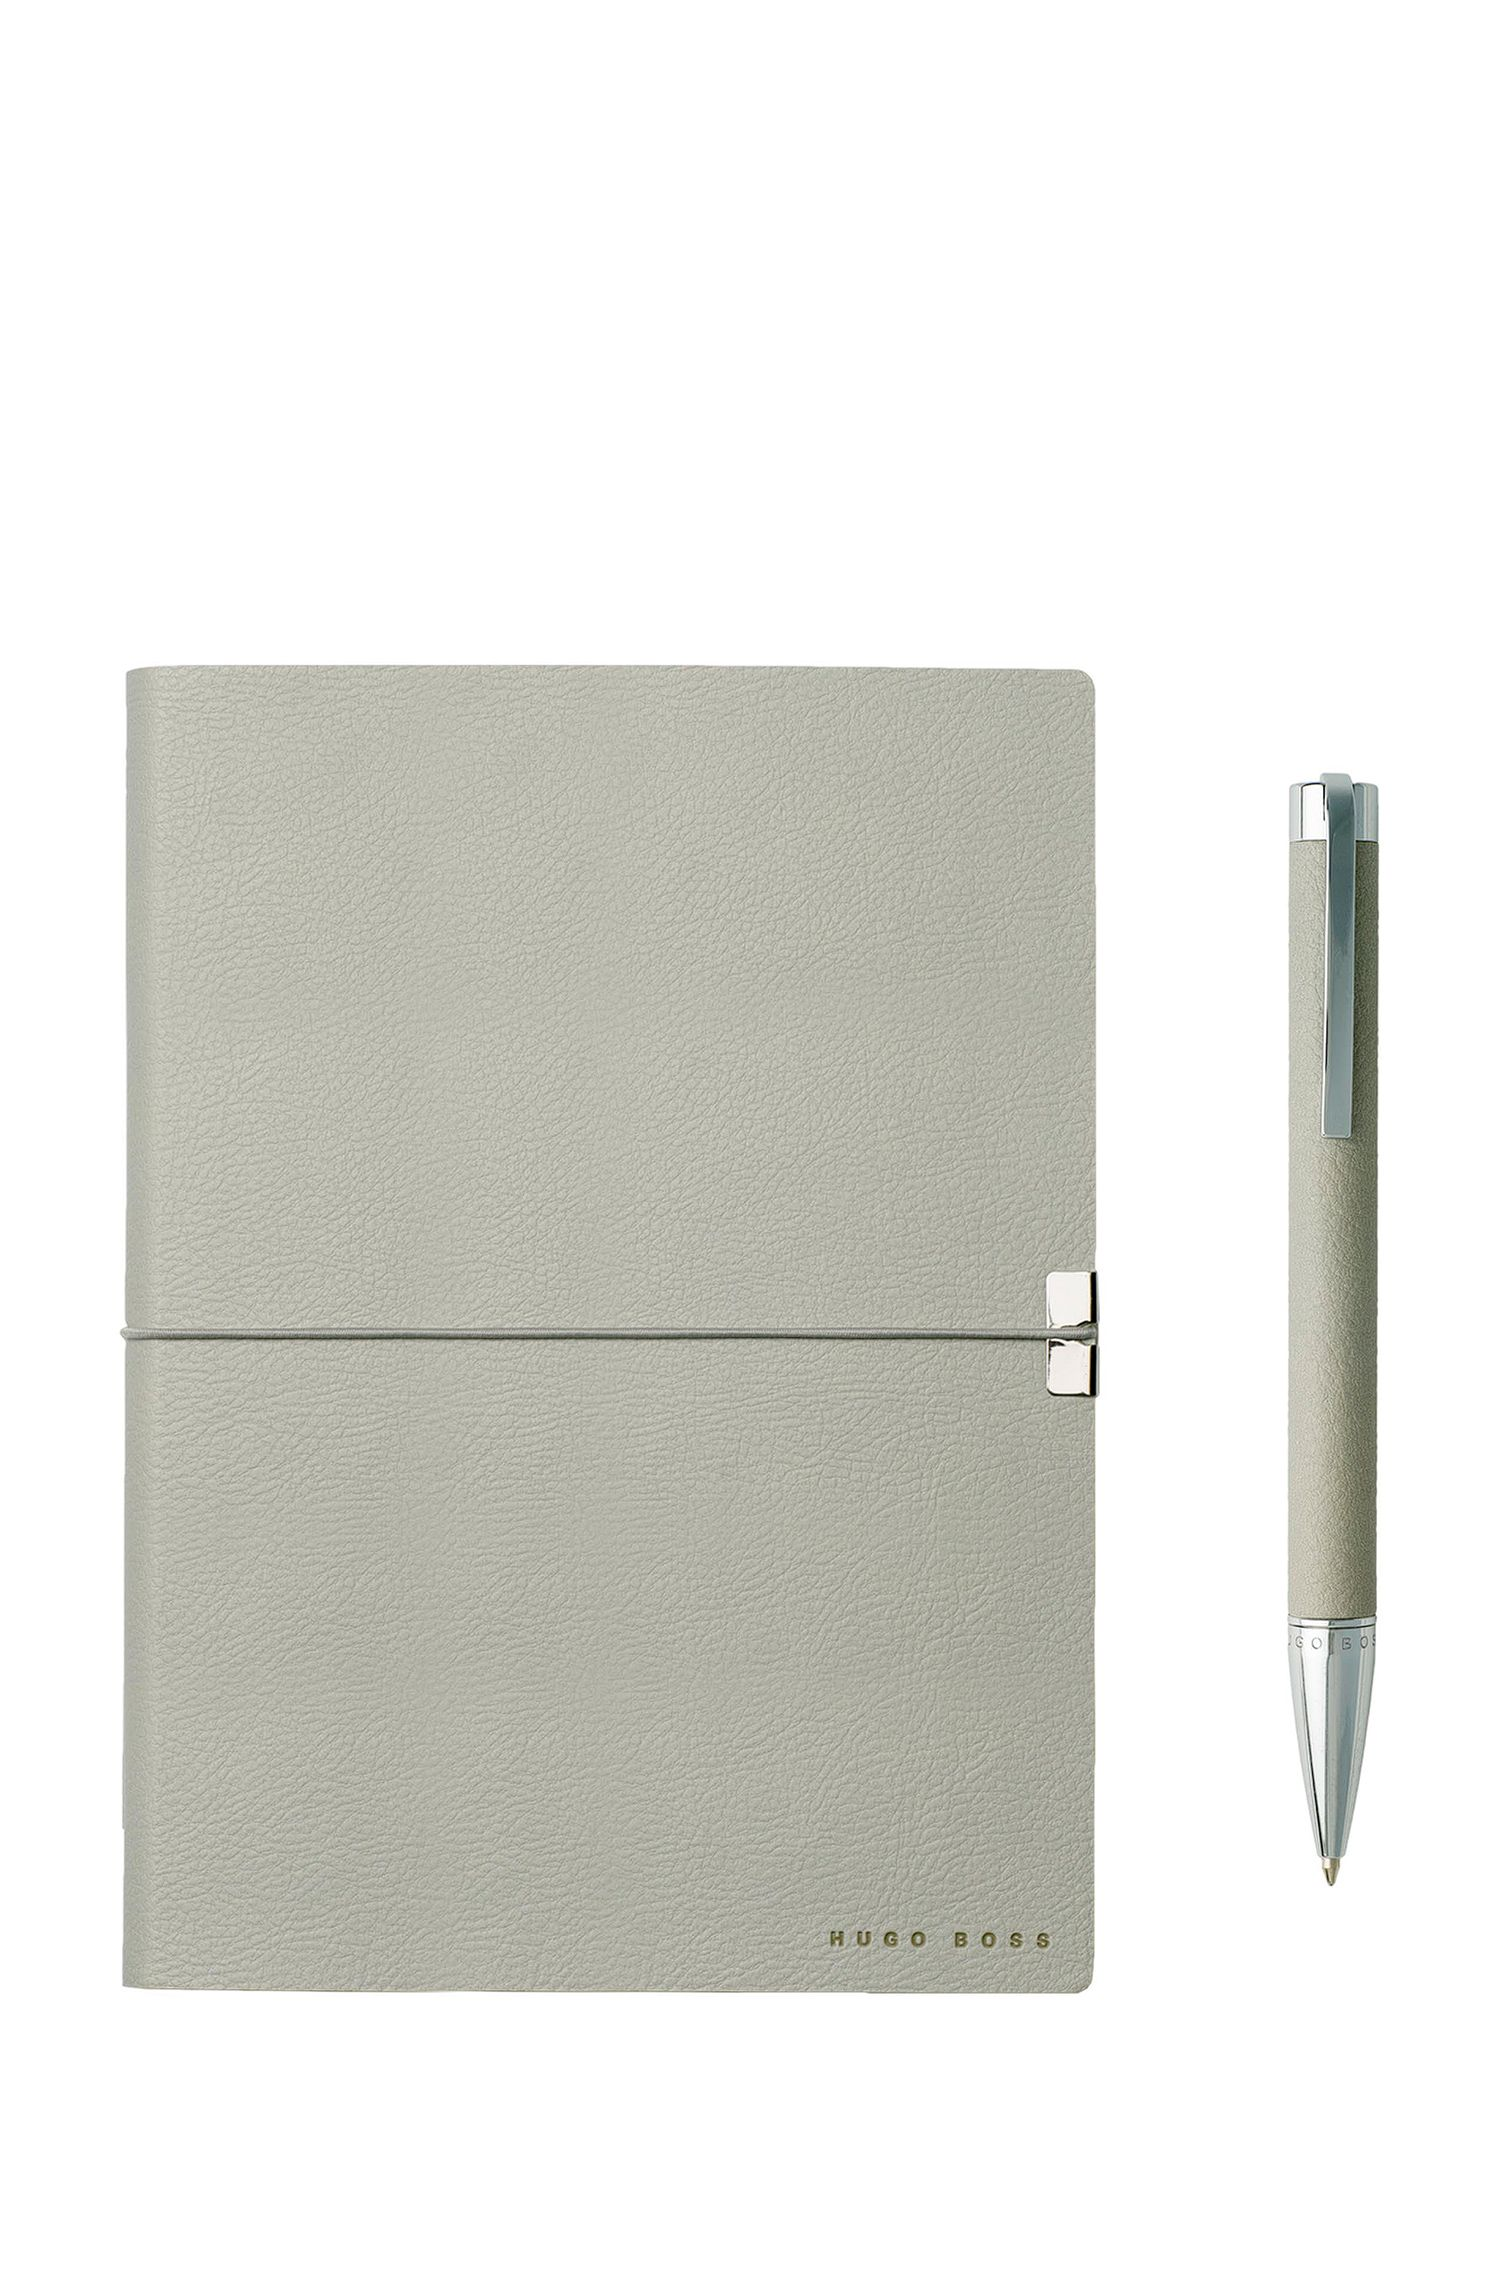 Set de regalo con cuaderno A5 y bolígrafo en piel sintética gris claro con textura